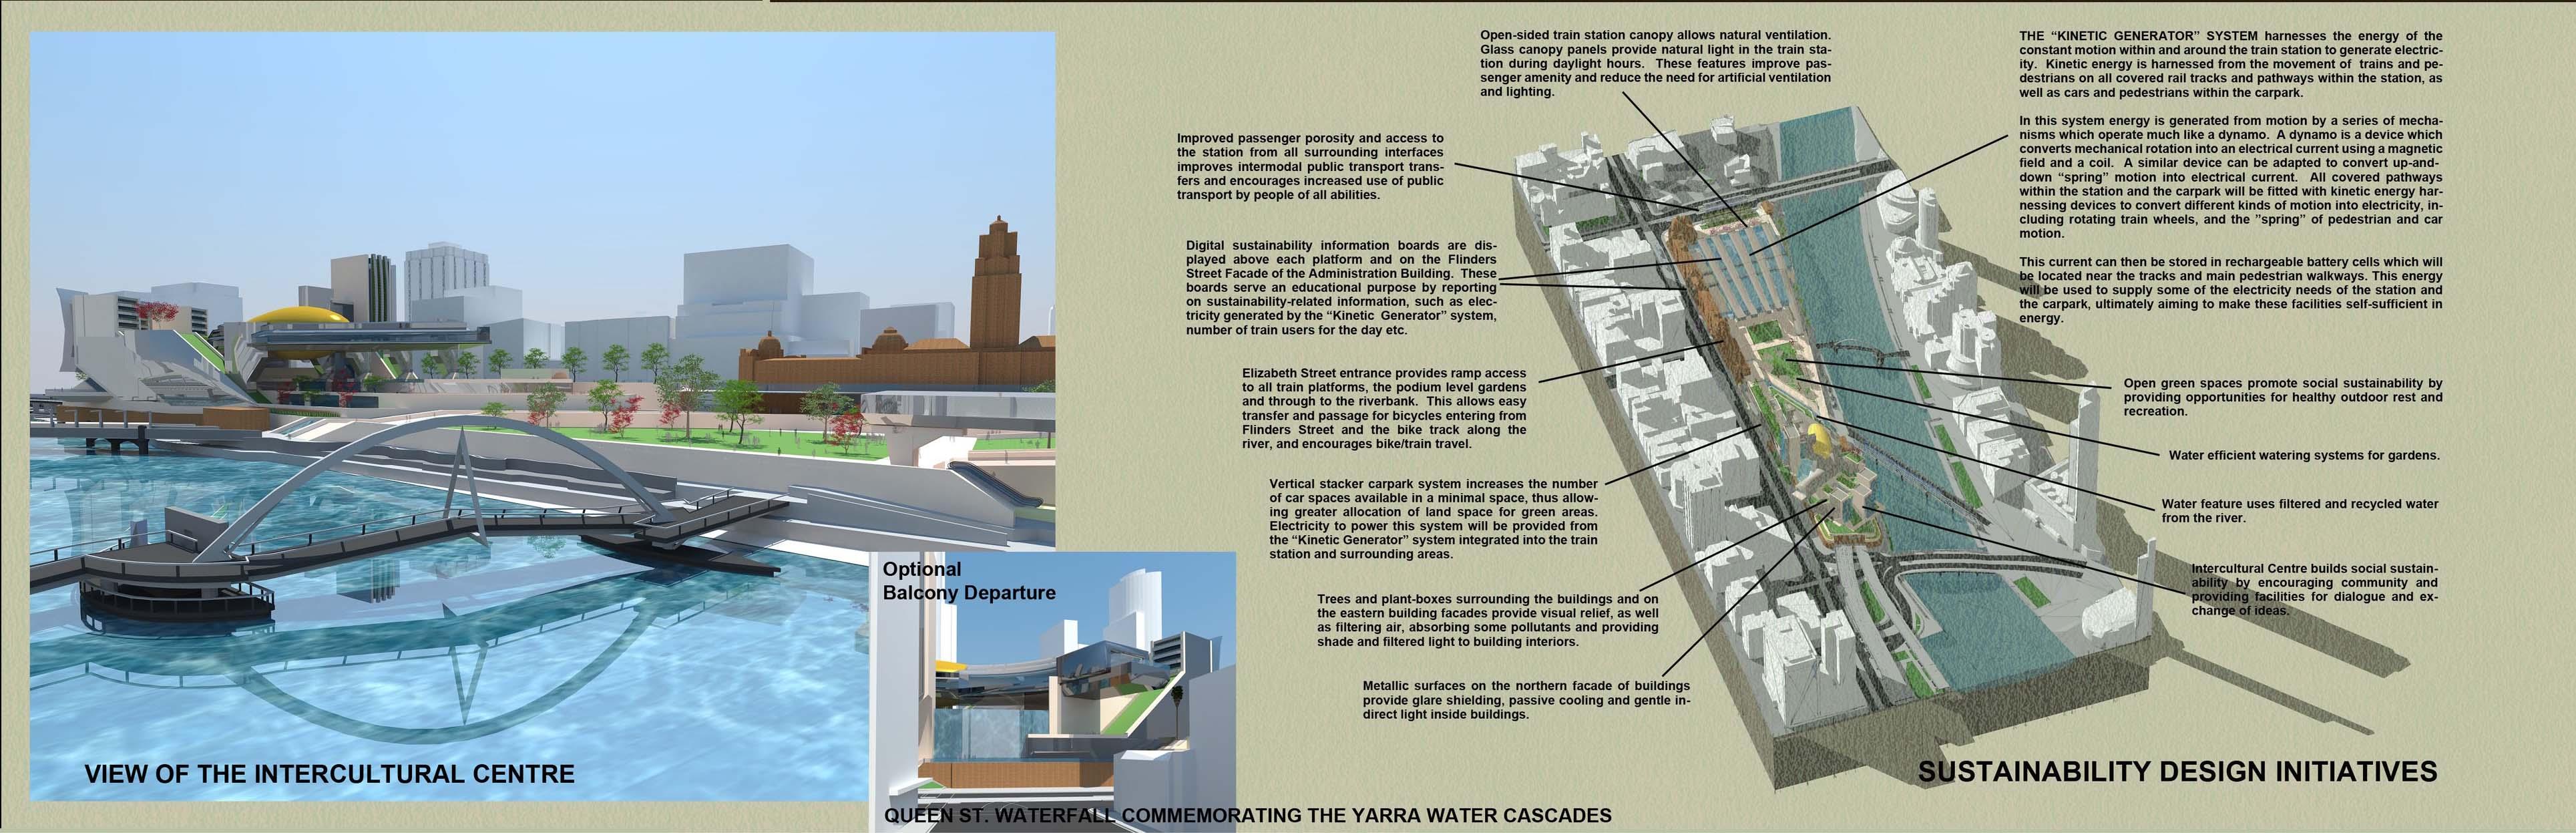 Flinders Street Station Design Competition 11.jpg